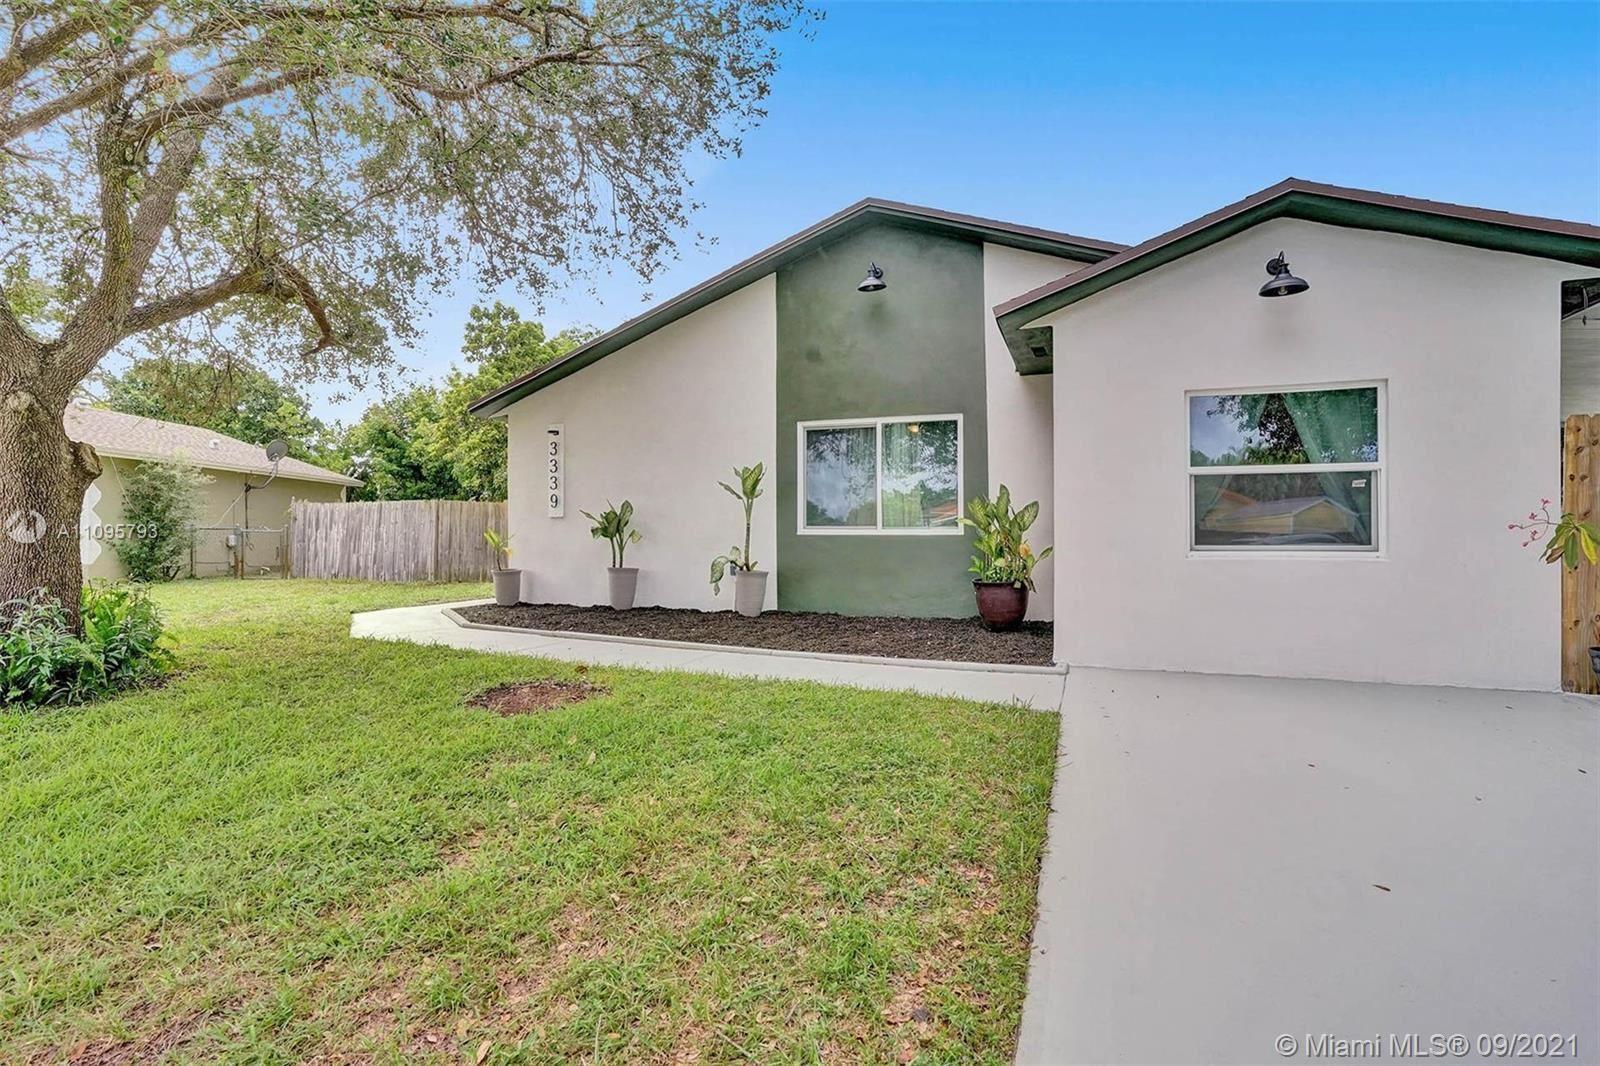 3339 NW 201st St, Miami Gardens, FL 33056 - #: A11095793